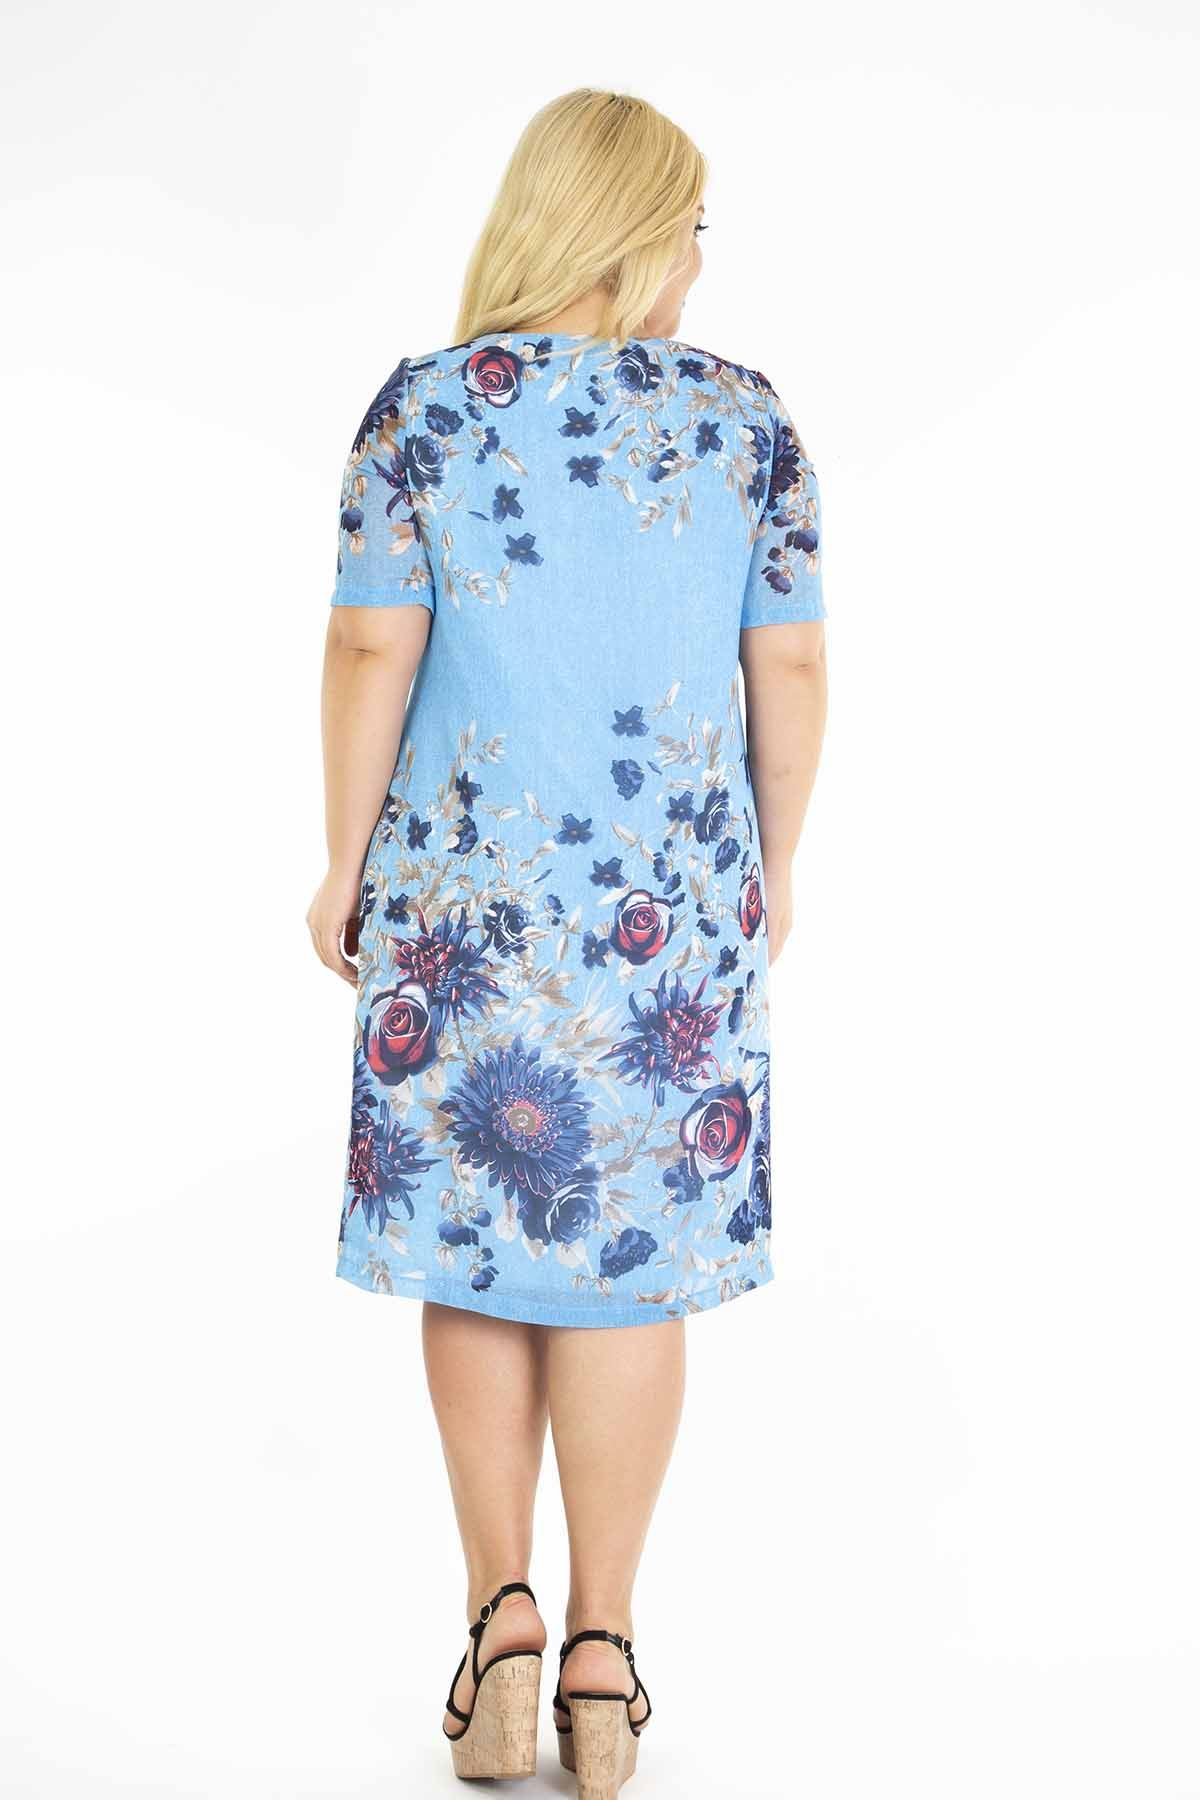 Mavi Şifon Büyük Beden Elbise J3-1172